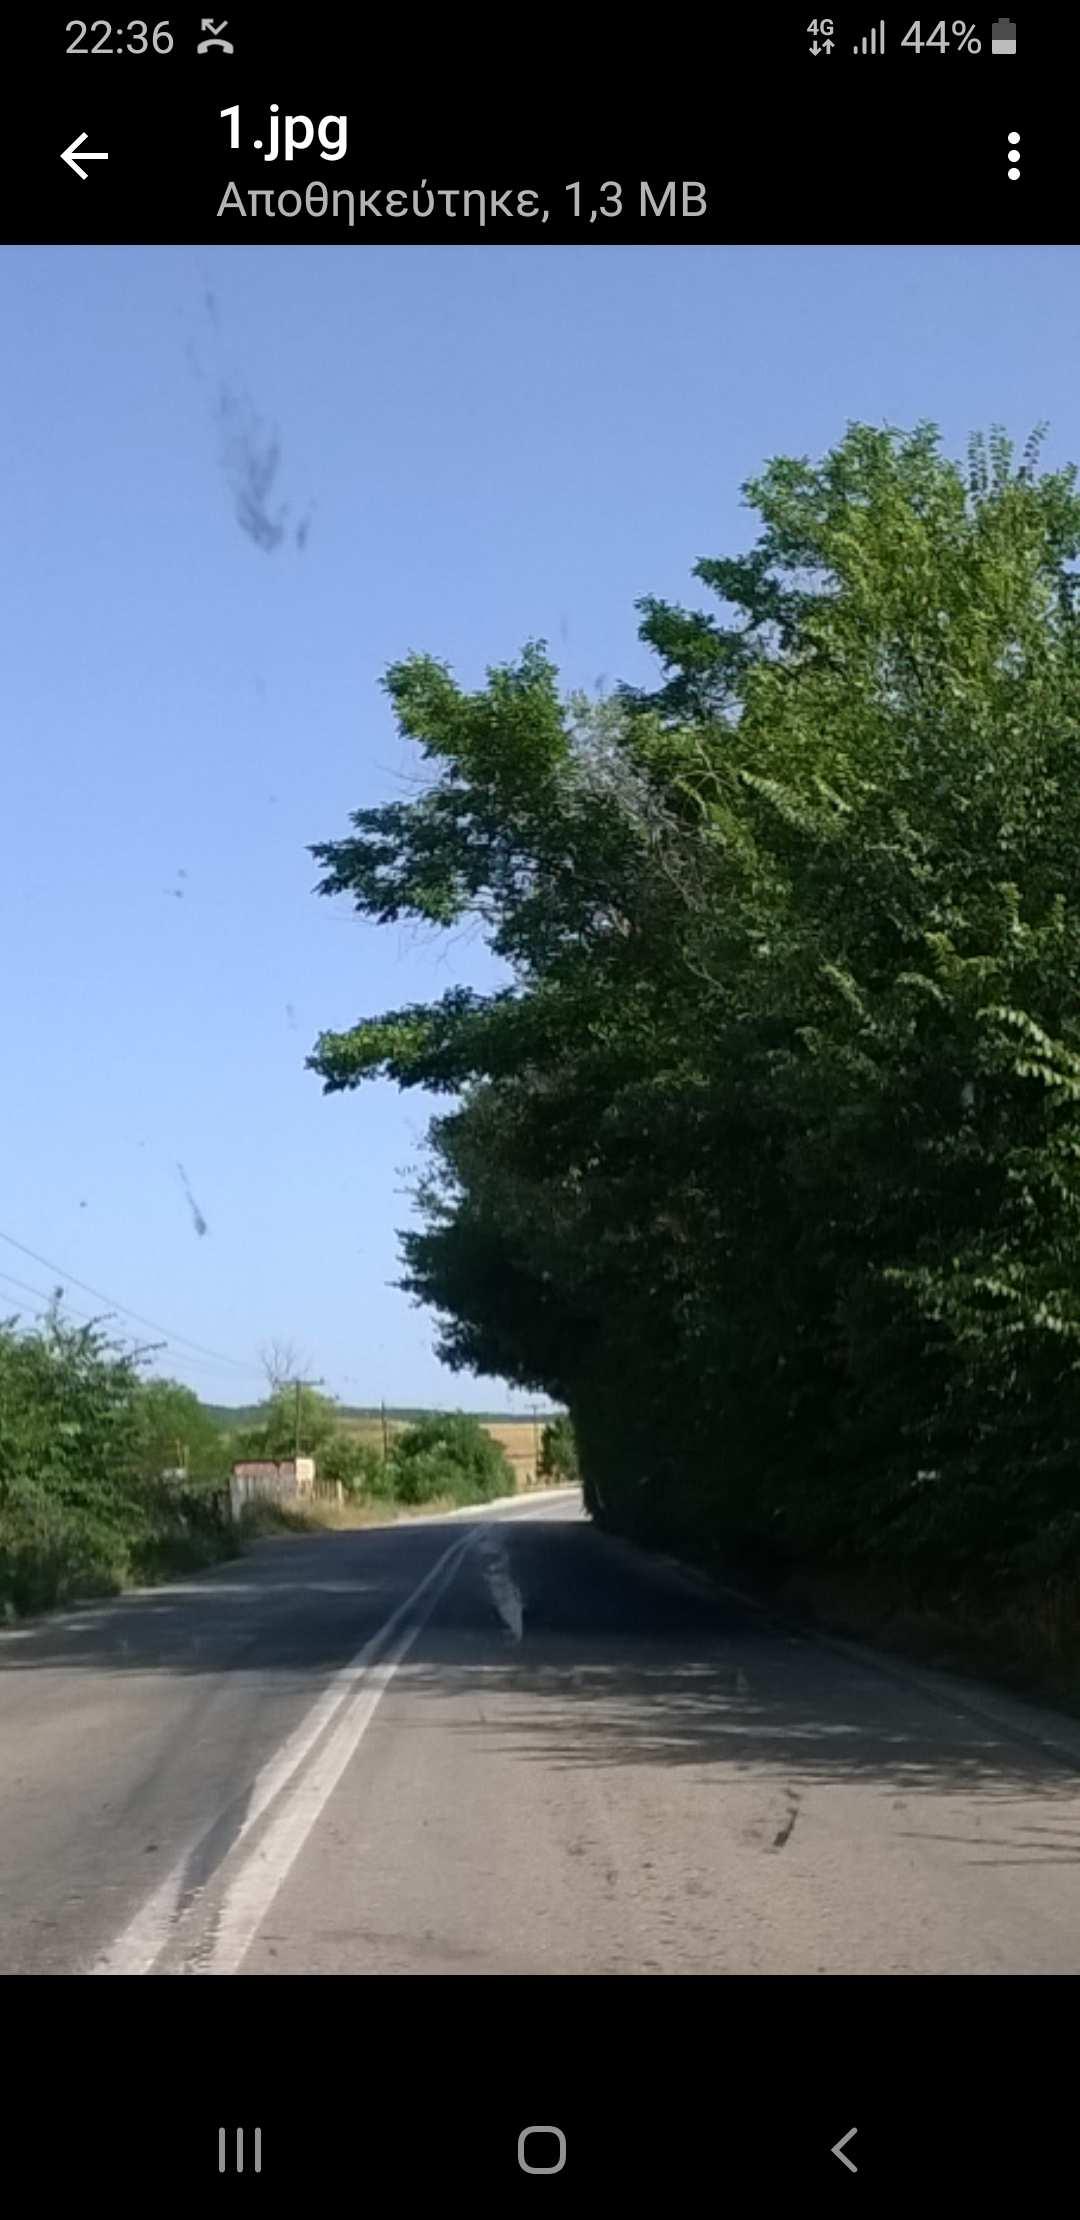 Σχόλιο αναγνώστη του kozan.gr προς τη Δημοτική Αρχή του Δήμου Εορδαίας: «Καθαρισμός κλαδιών στο δρόμο από Περδίκκα προς Αμύνταιο» (Φωτογραφία)